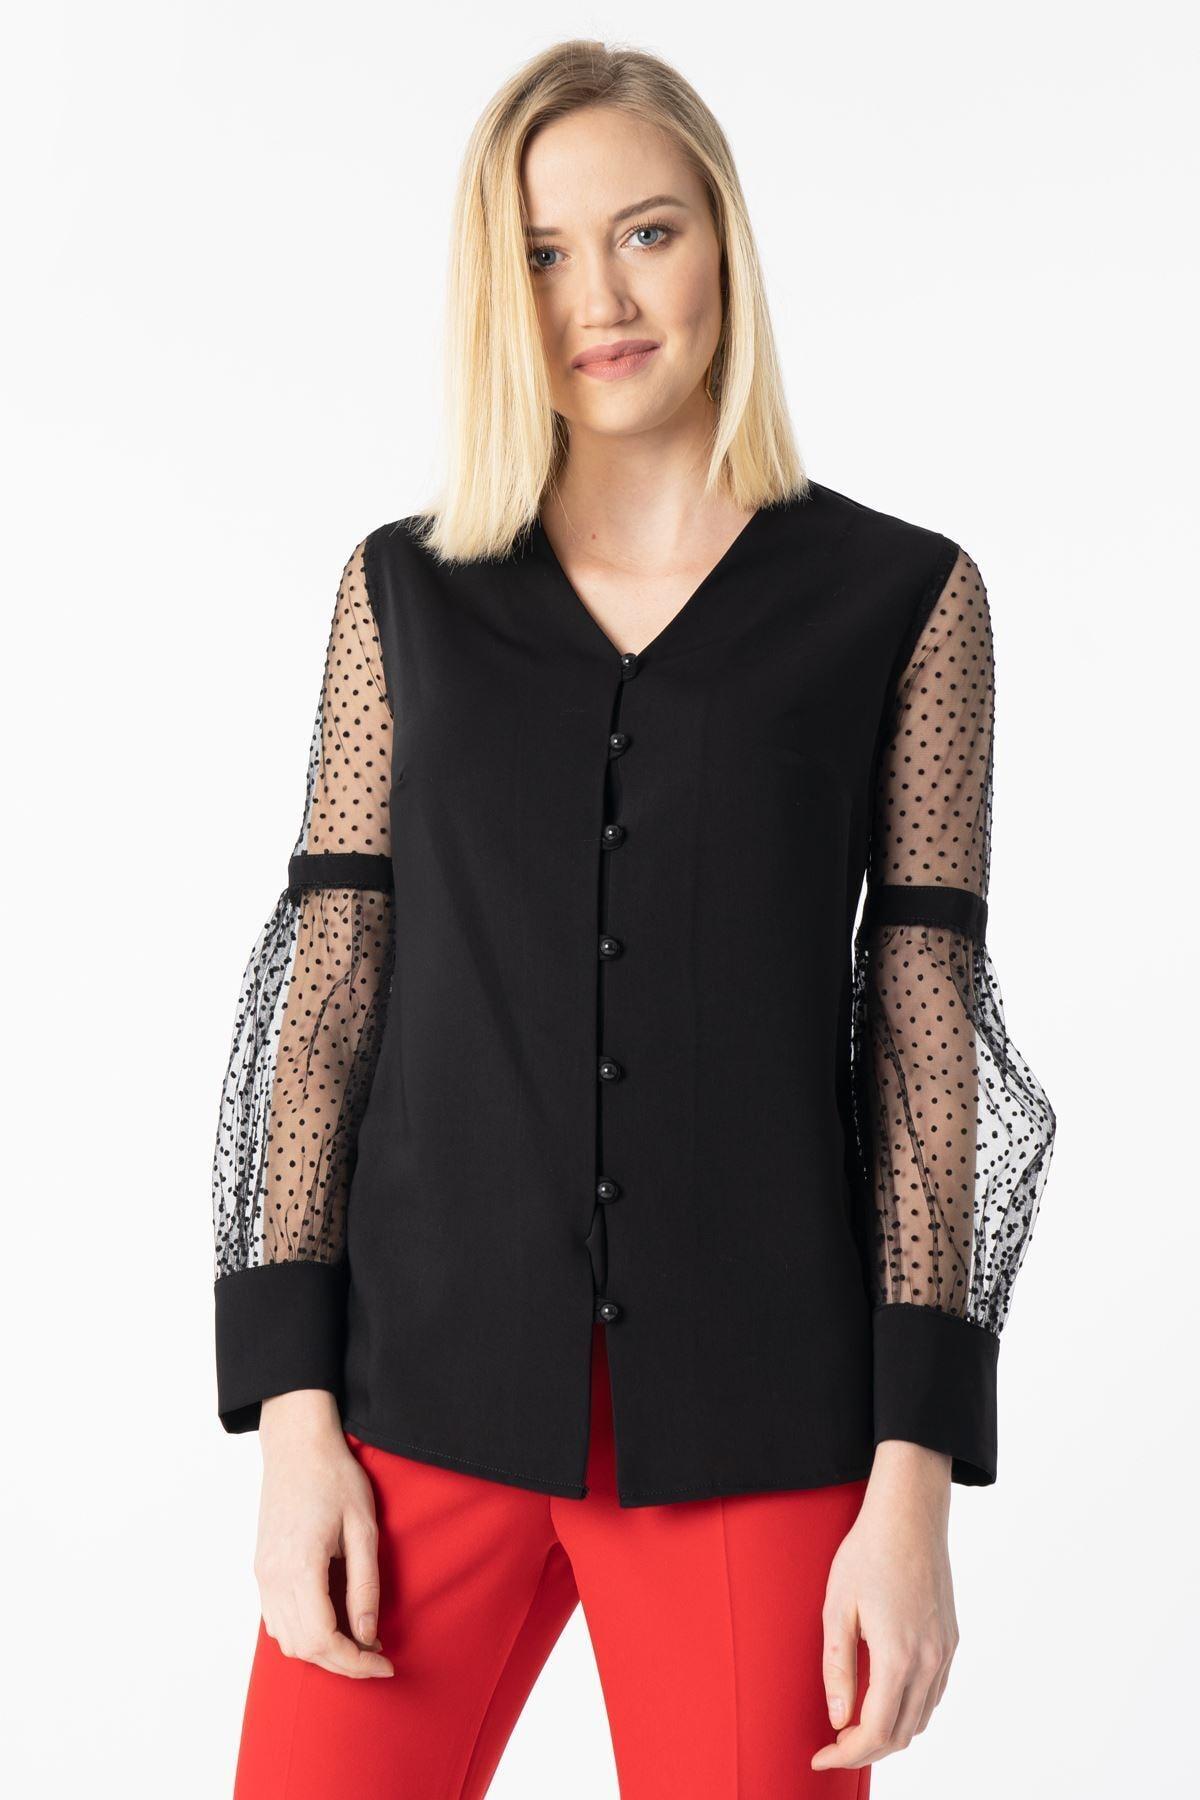 MissVina Kolları Tül Salaş Bluz Y-7601-09- Siyah 1